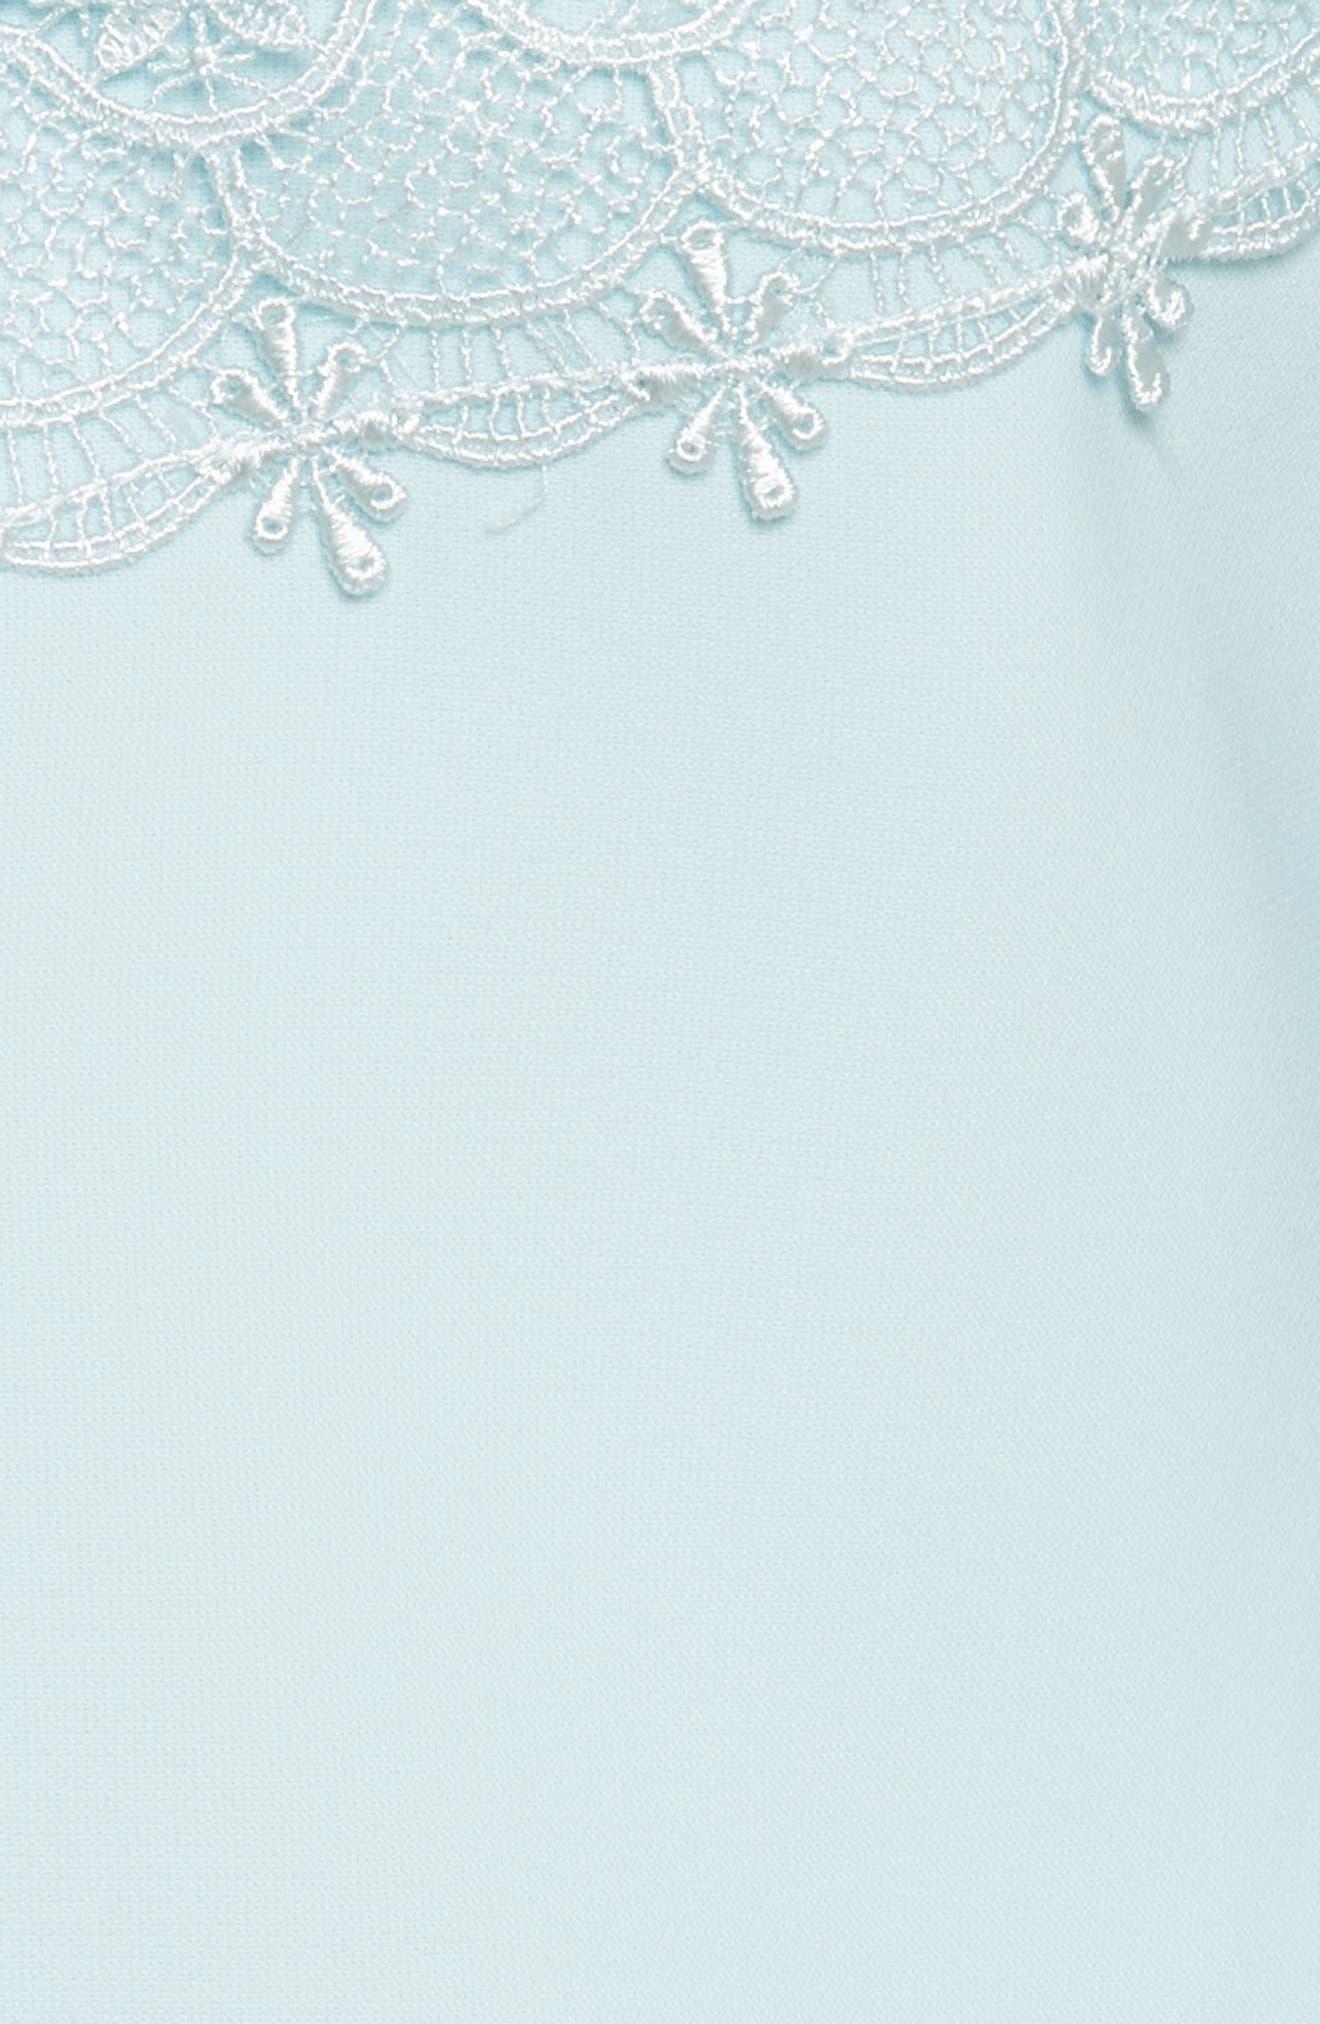 Raechal Lace Sleeve A-Line Dress,                             Alternate thumbnail 5, color,                             Pale Blue